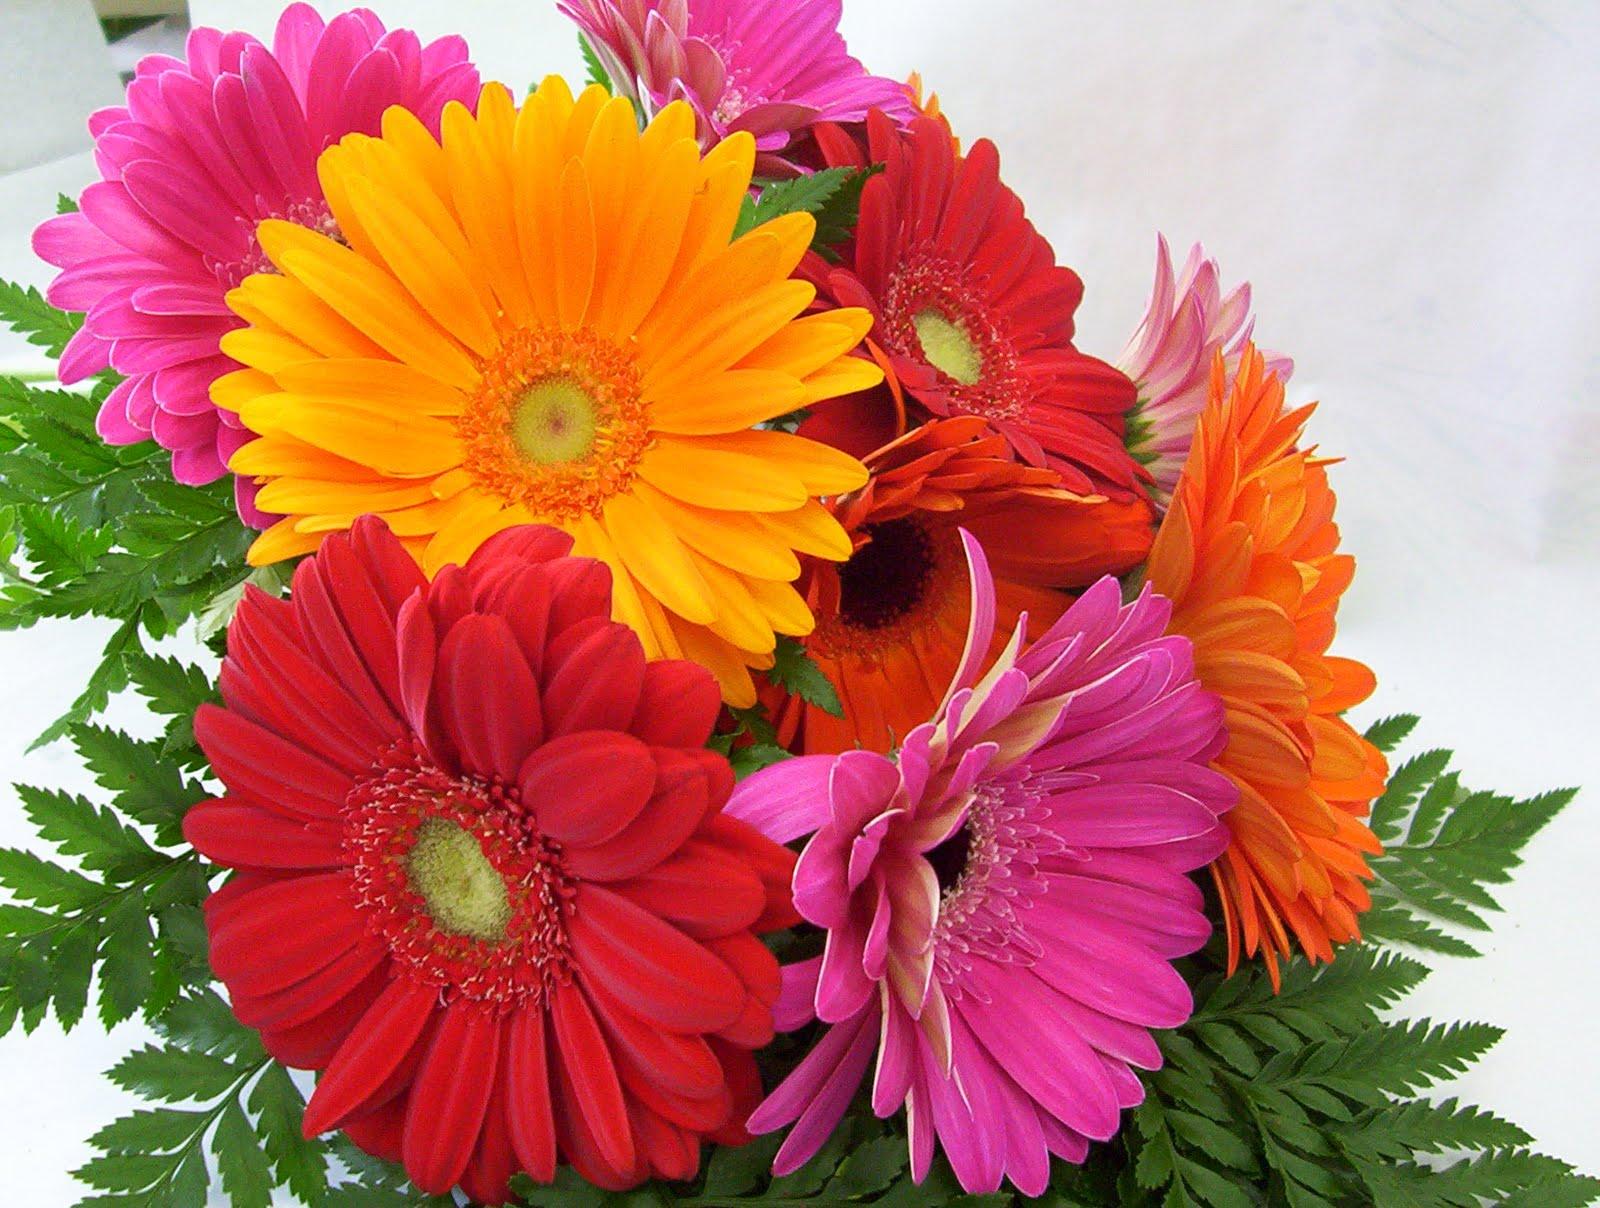 Descargar Imagenes De Flores Gerberas - ramo de flores aislados, gerberas Fotos de archivo e